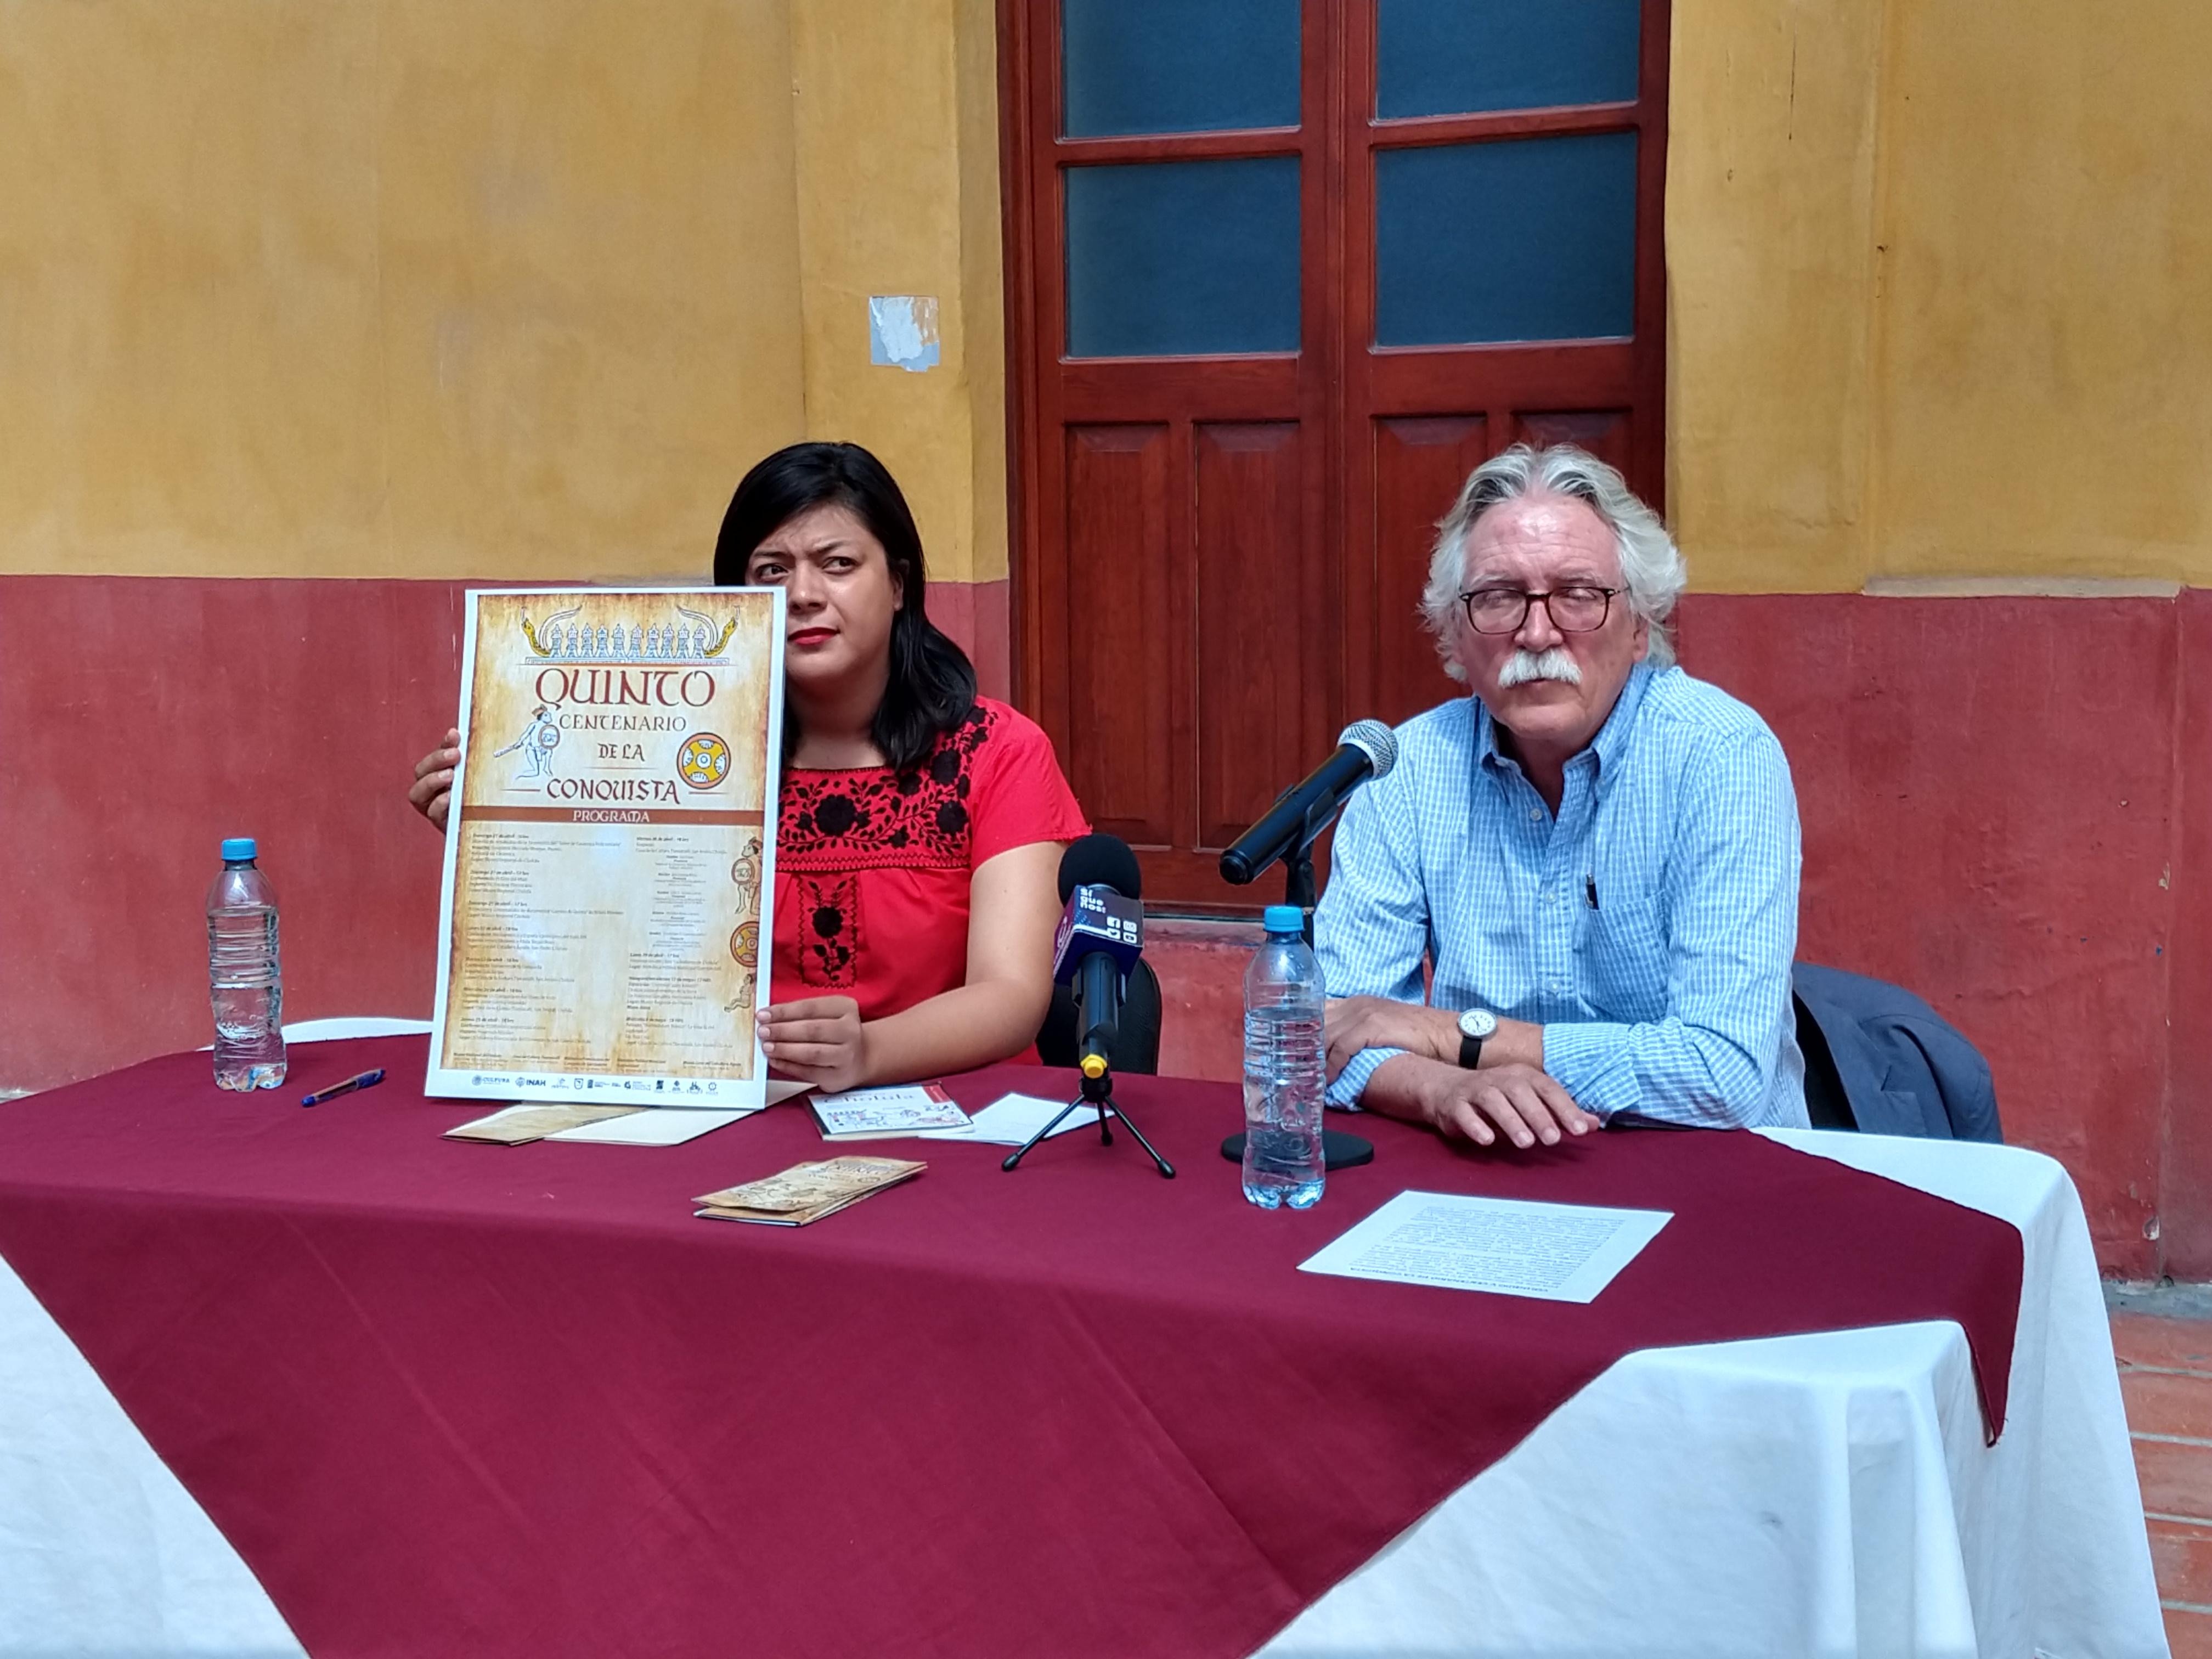 Anuncian actividades por los 500 años de la conquista en San Andrés Cholula